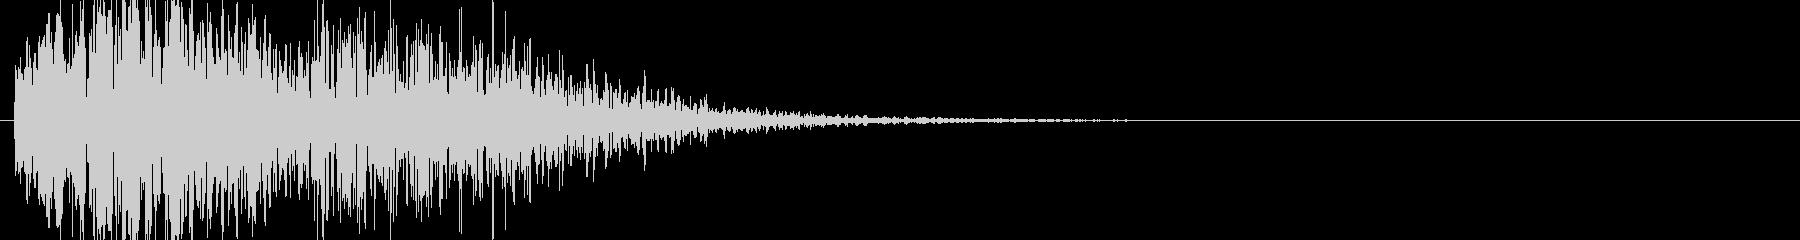 爆発・衝撃波・ソニックブーム3の未再生の波形